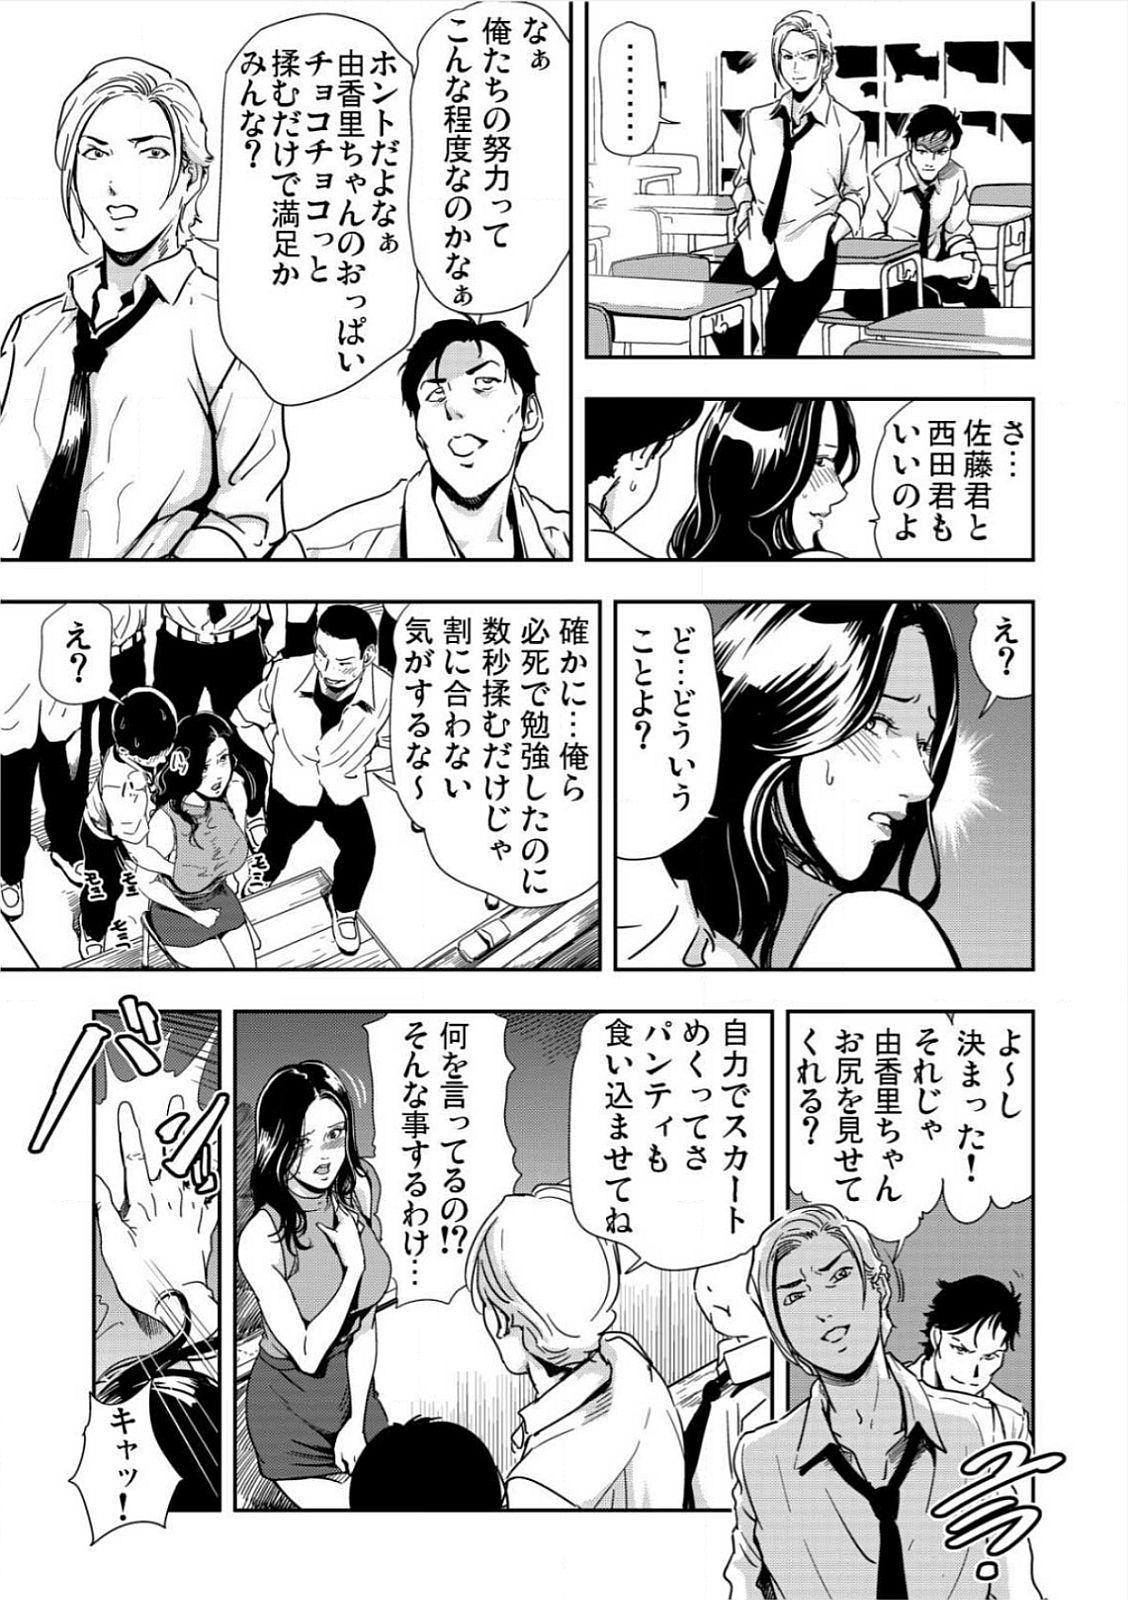 [Misaki Yukihiro] Kyousei Shidou ~Mechakucha ni Kegasarete~ (1)~(6) [Digital] 118